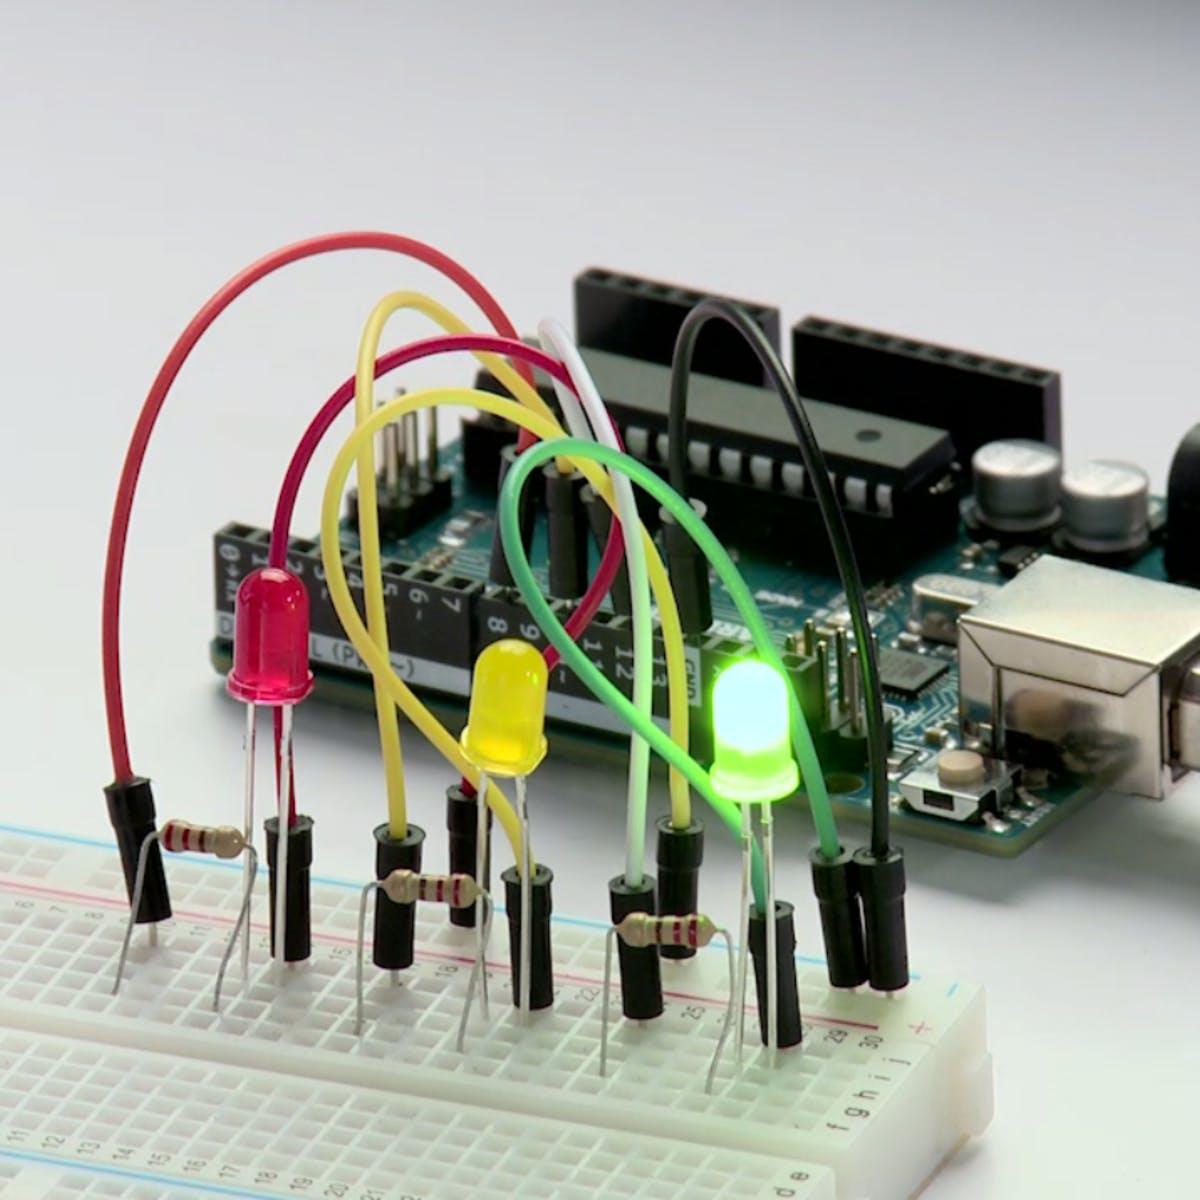 Строим роботов и другие устройства на Arduino. От светофора до 3D-принтера